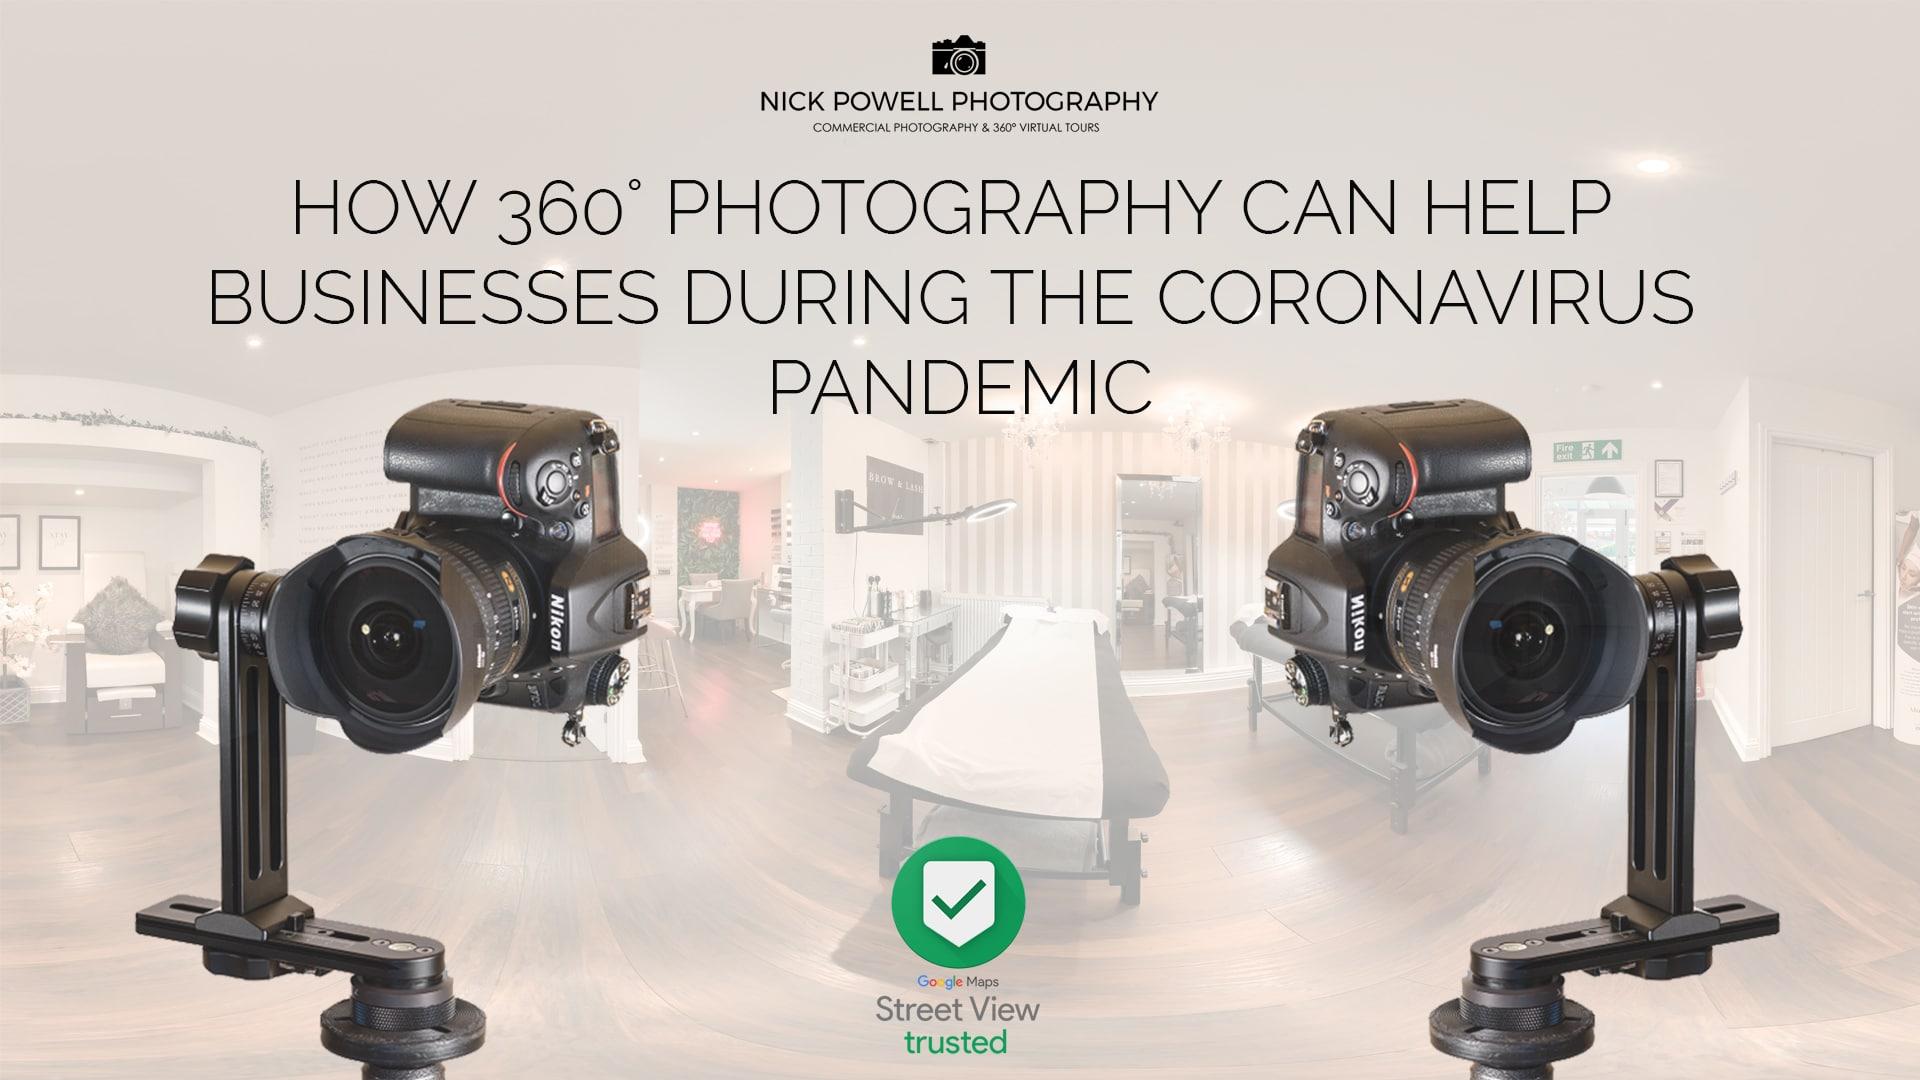 360° Photography During The Coronavirus Pandemic